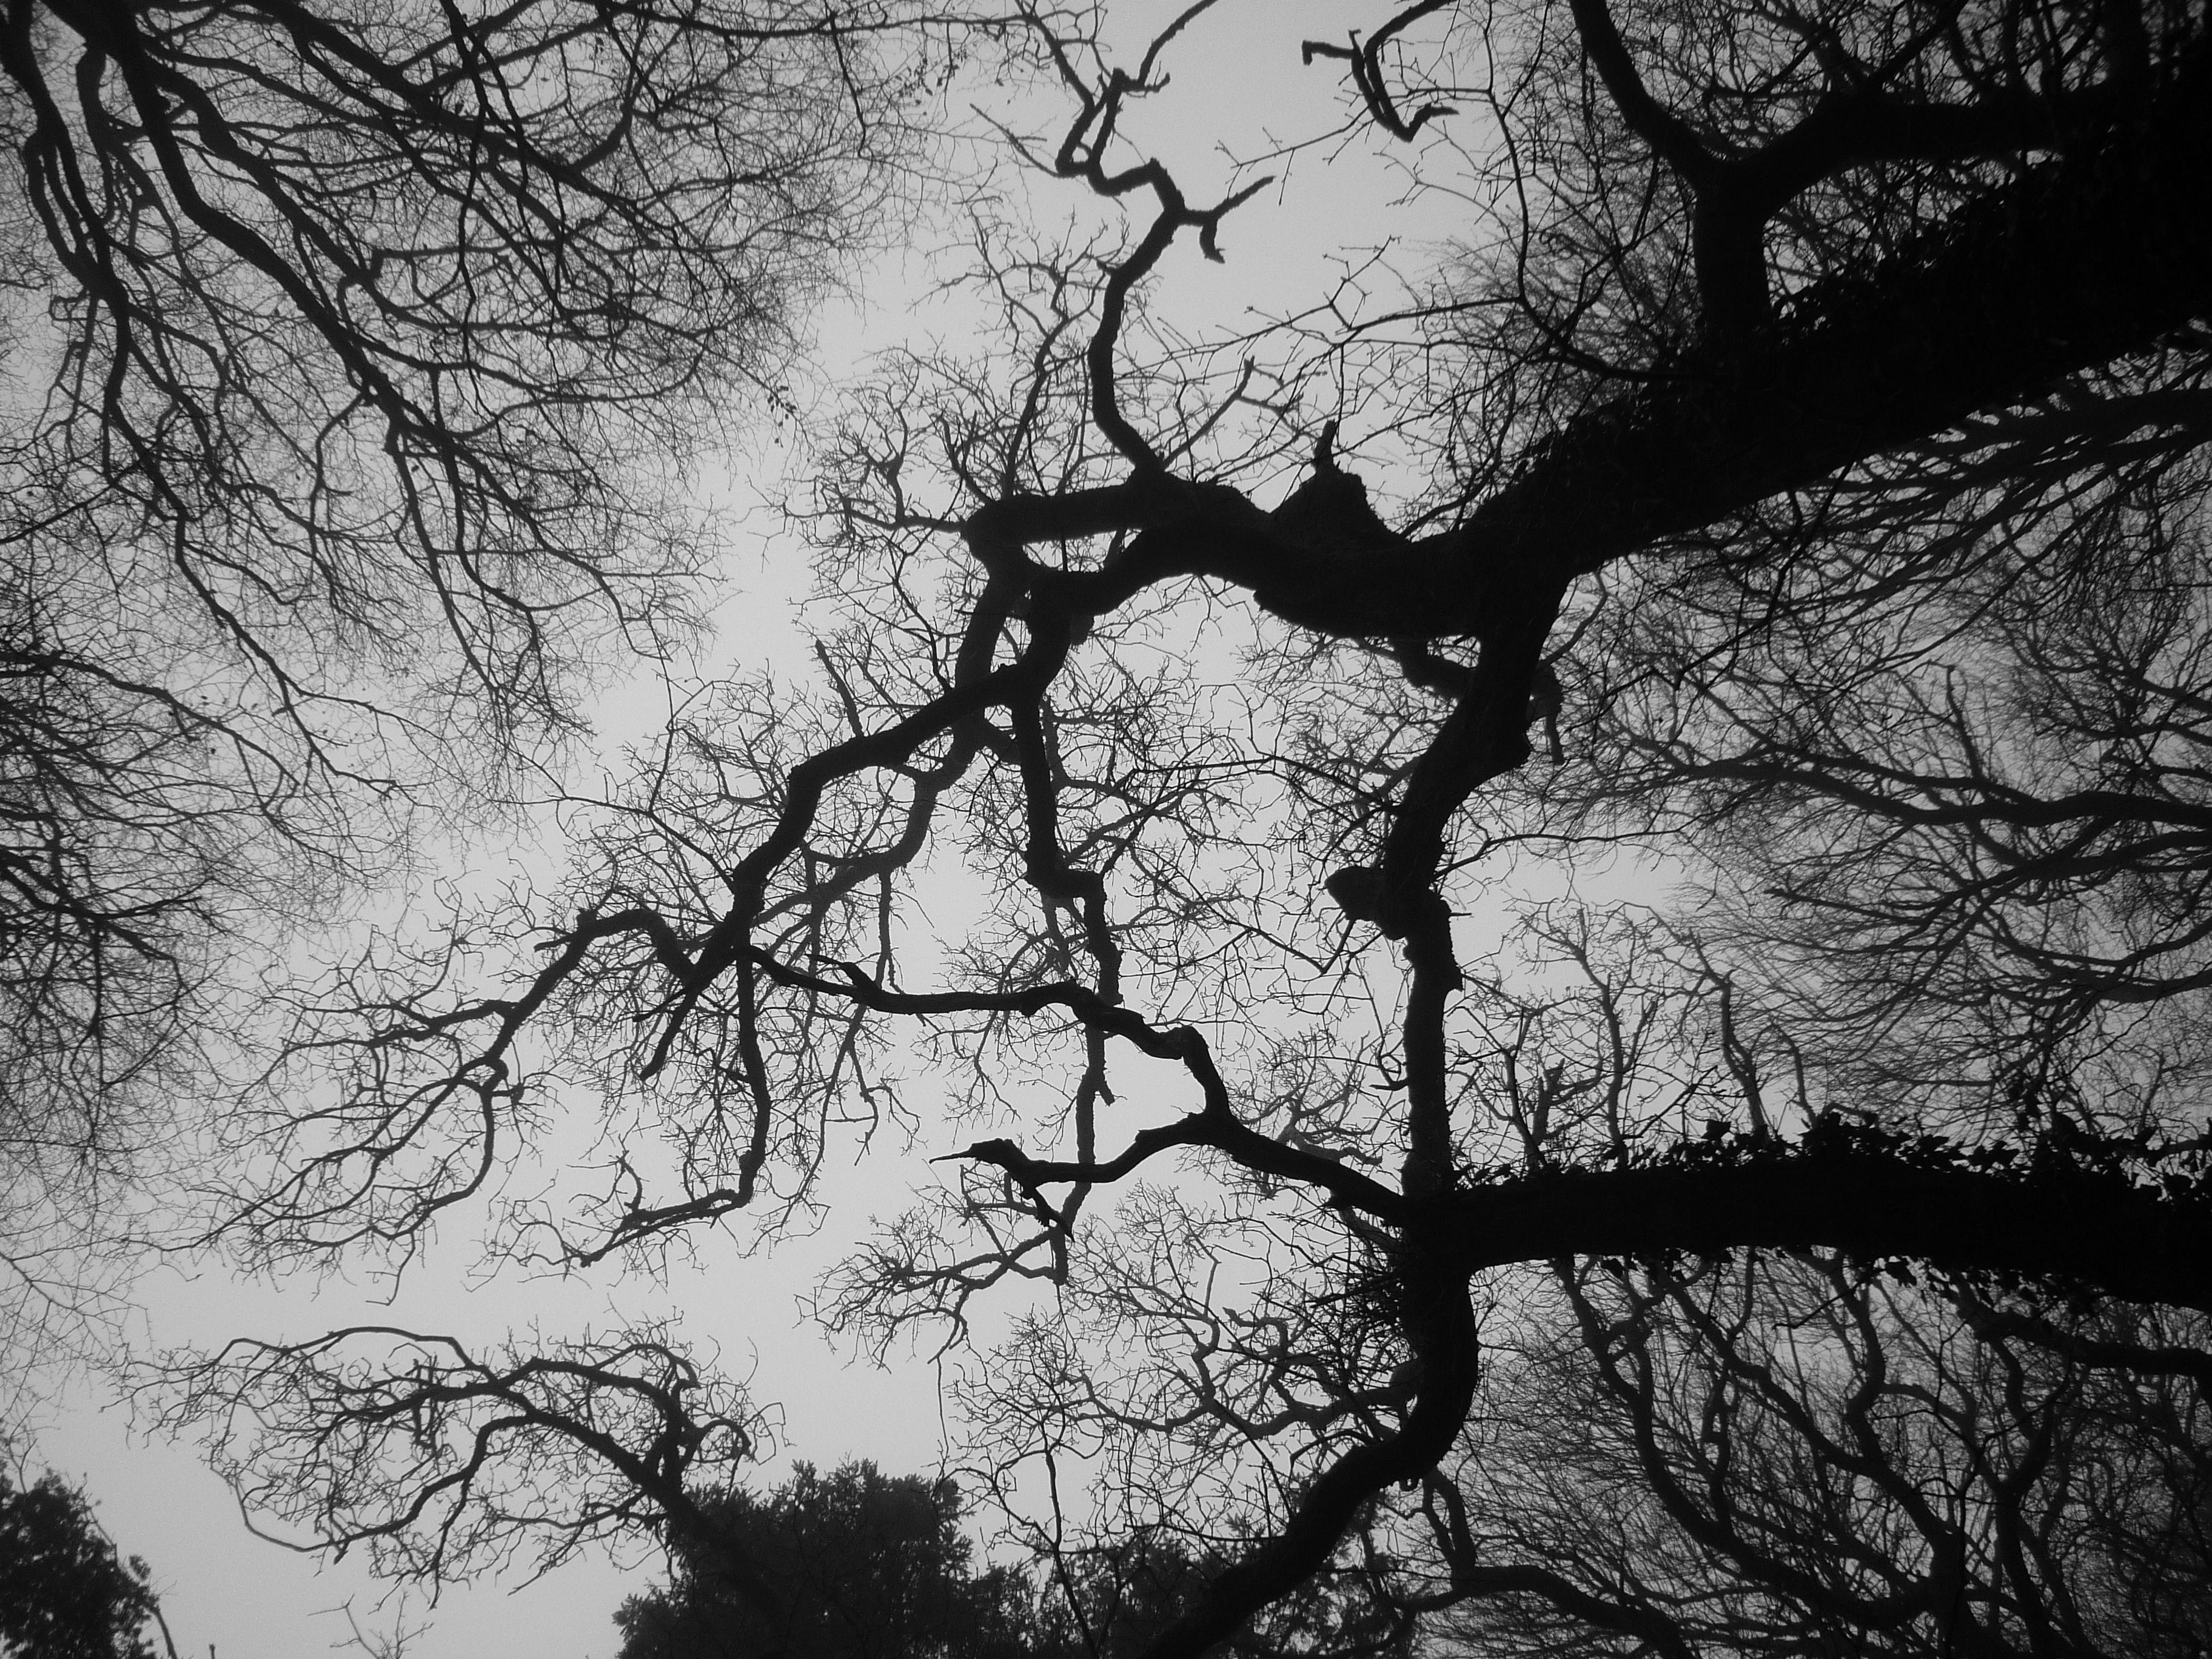 Ireland trees by Efi